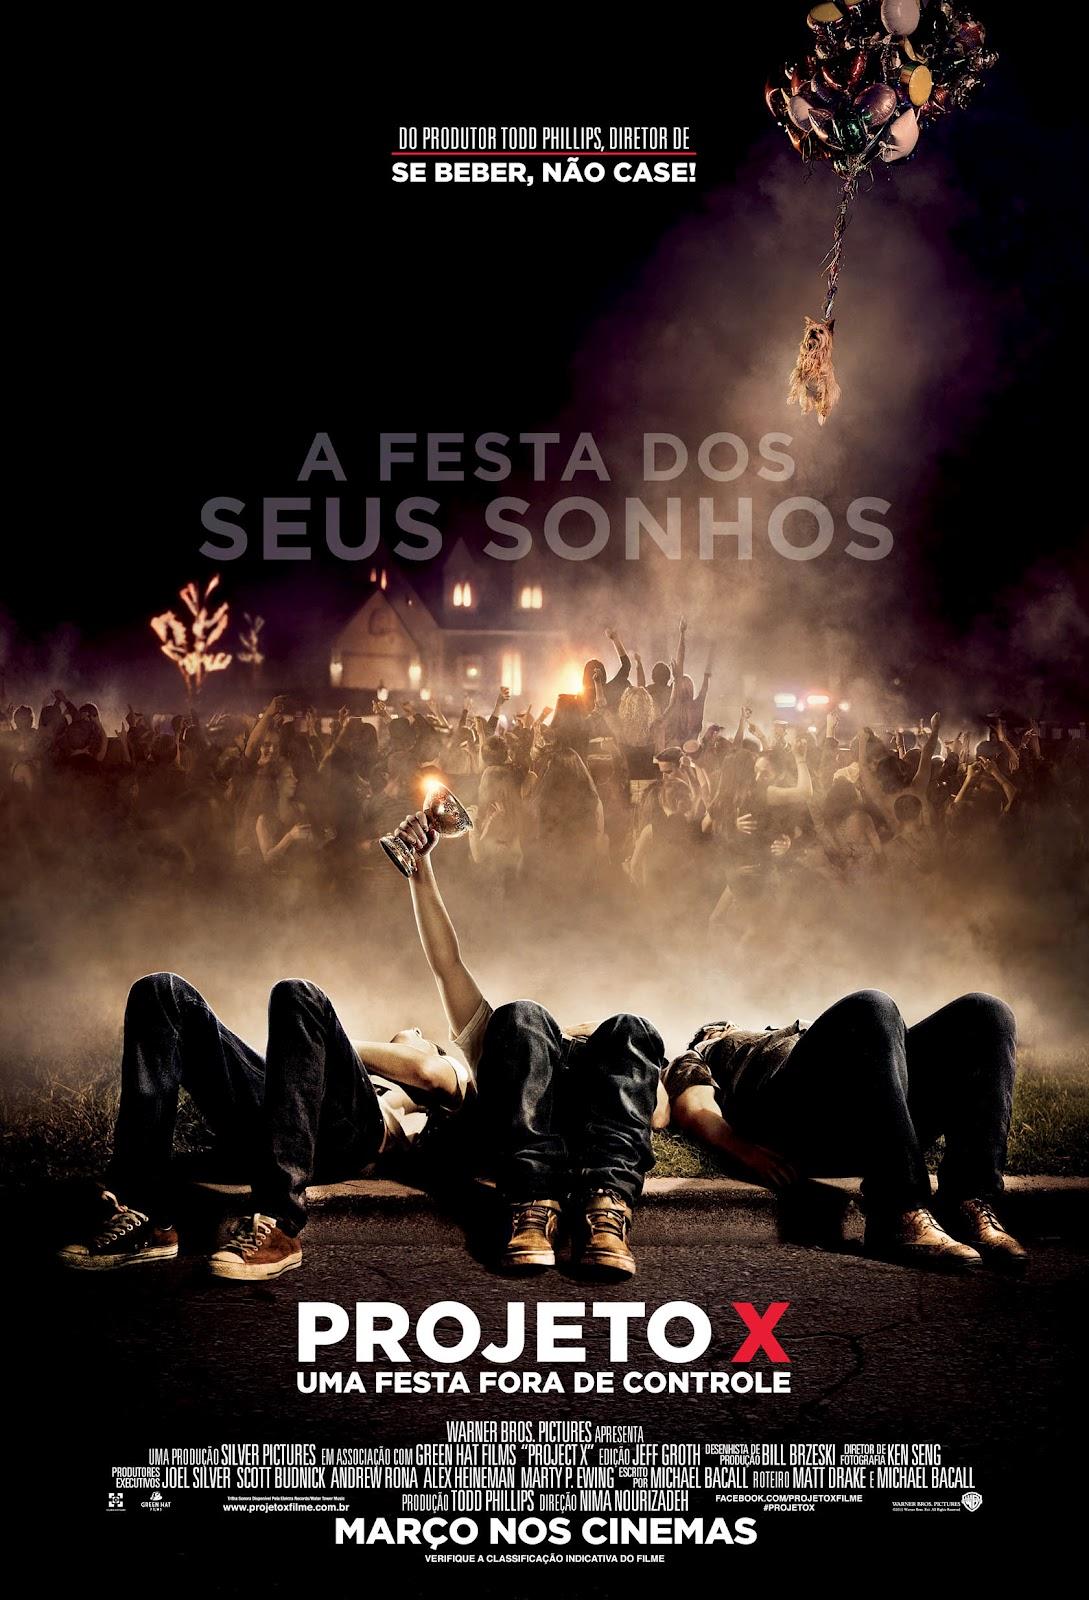 Projeto X: Uma Festa Fora de Controle - HD 720p